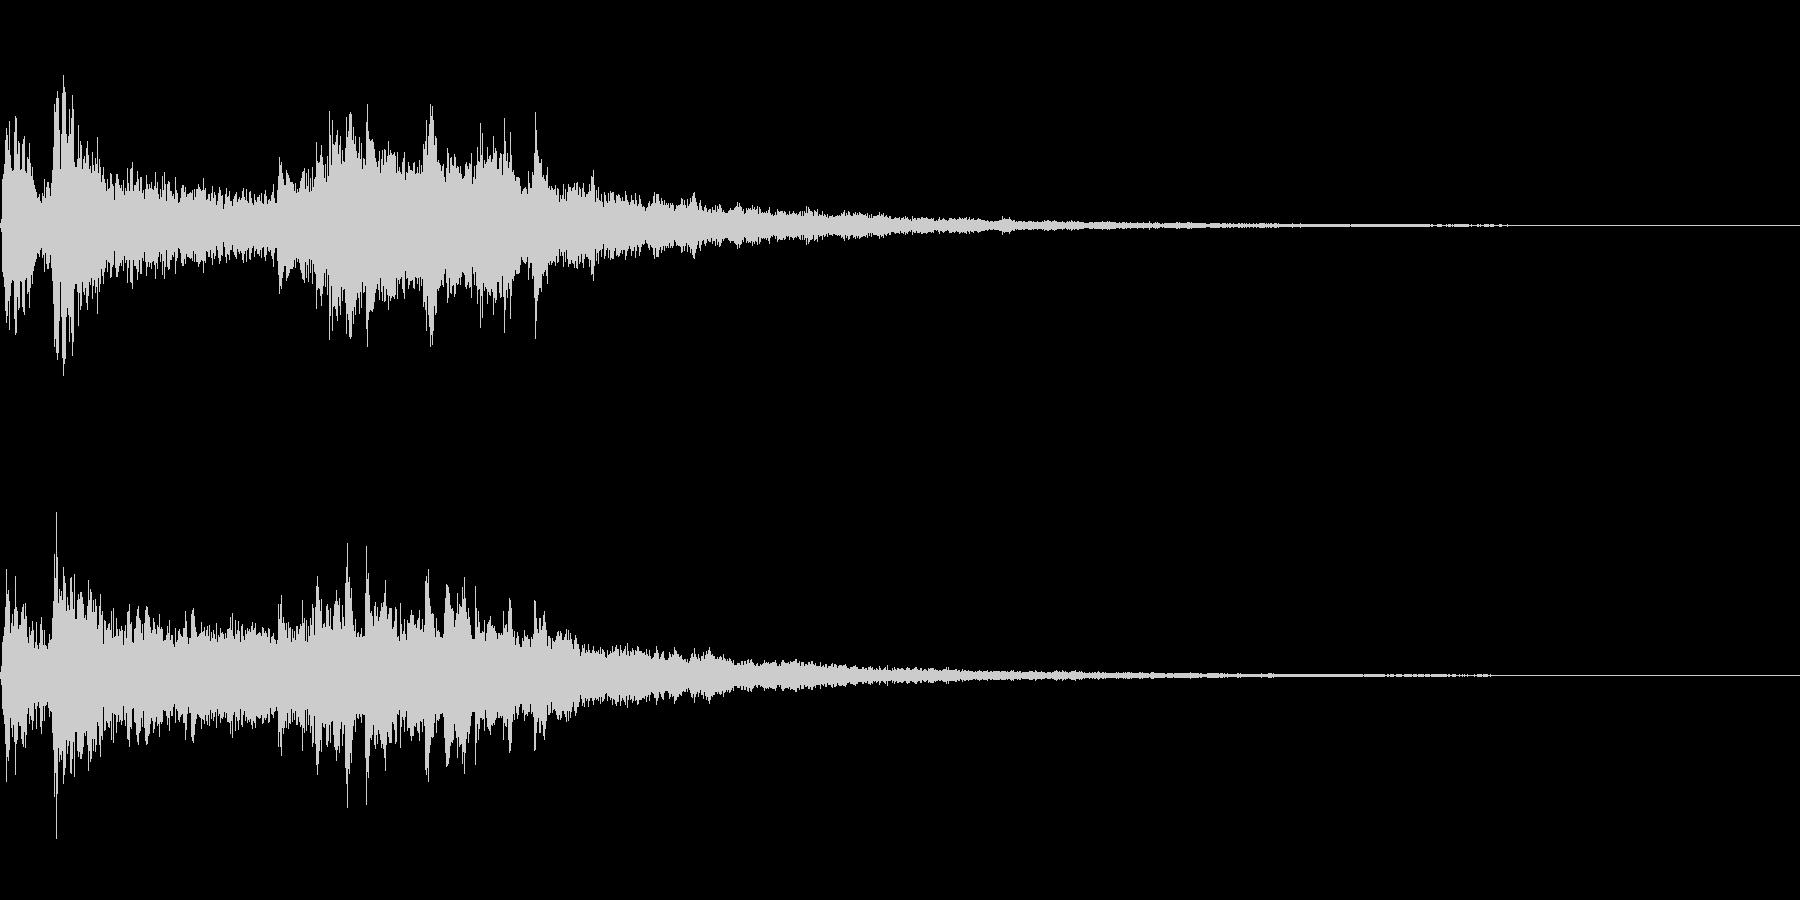 劇伴~衝撃を受けた時のピアノのフレーズ~の未再生の波形